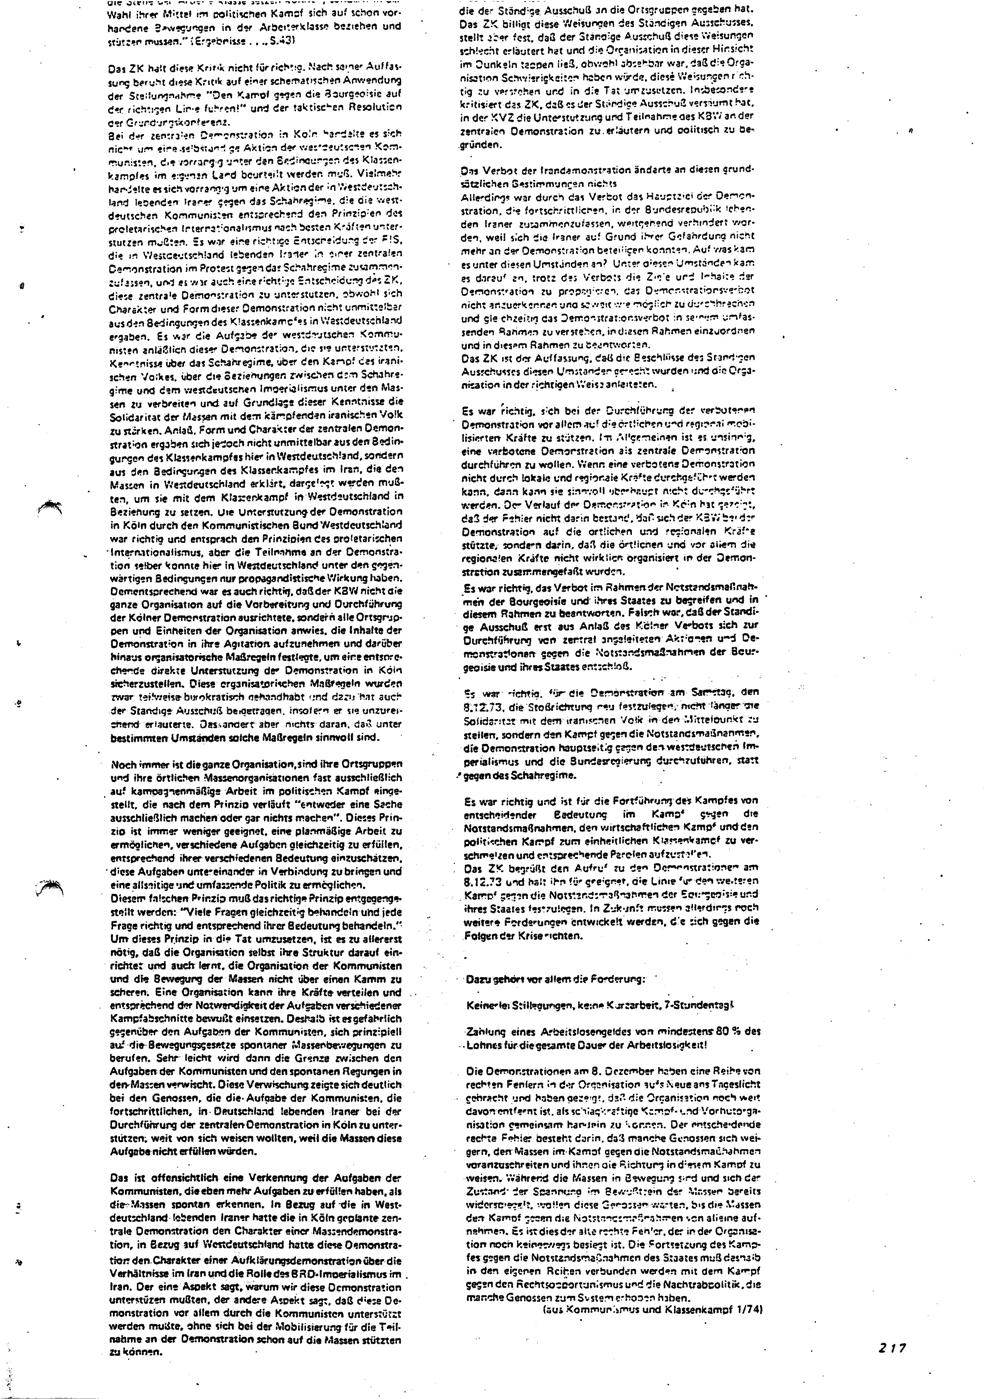 KABRW_Arbeitshefte_1978_31_097